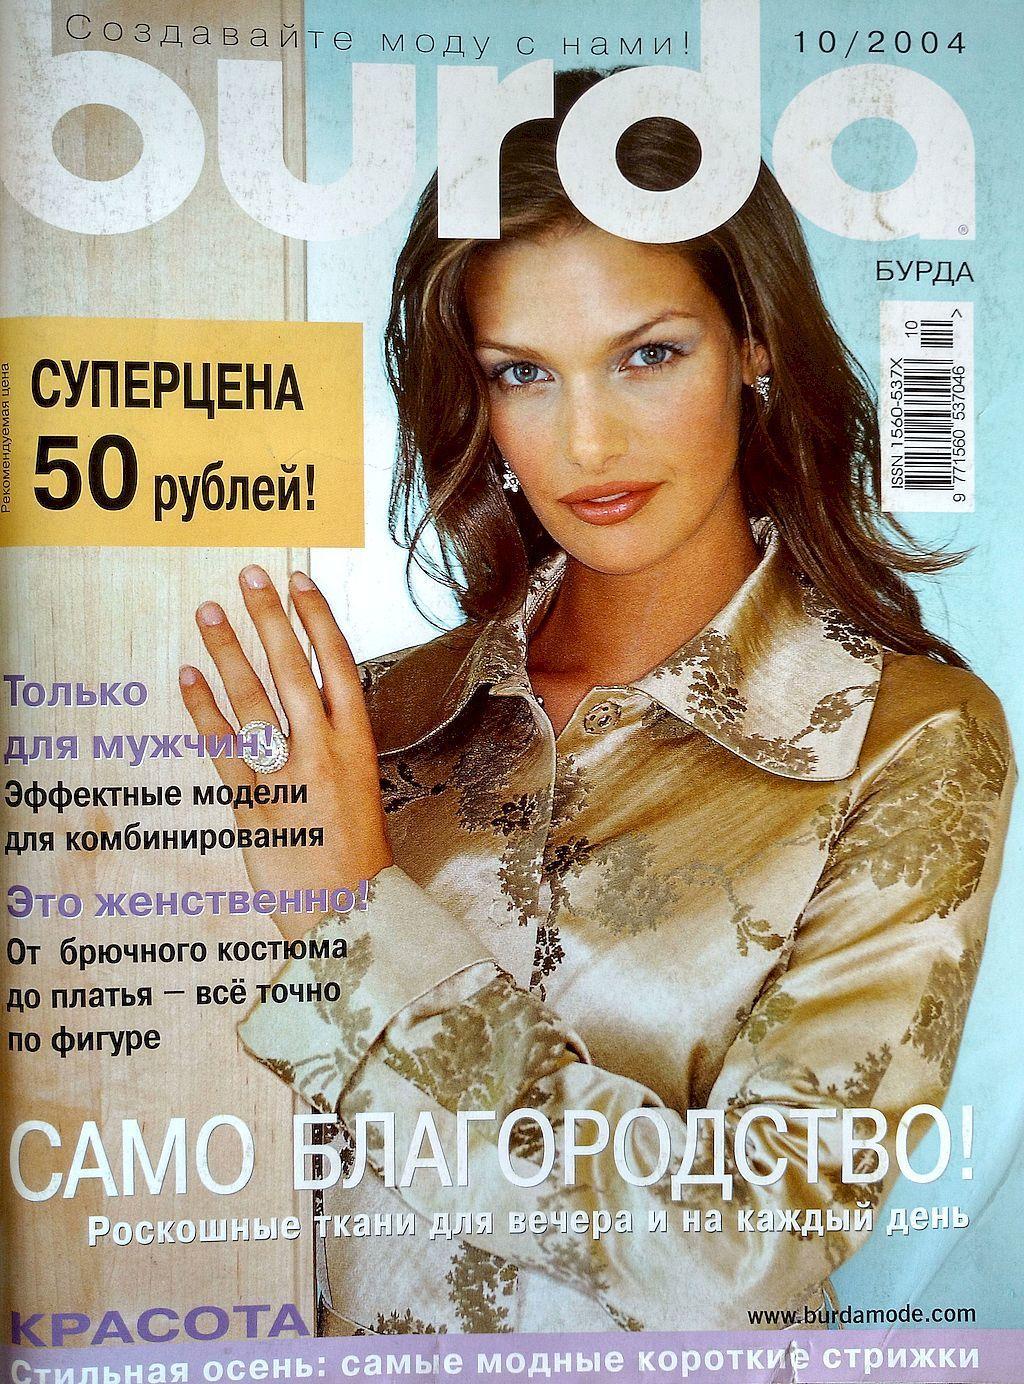 Журнал Burda Moden № 10/2004, Выкройки для шитья, Москва,  Фото №1